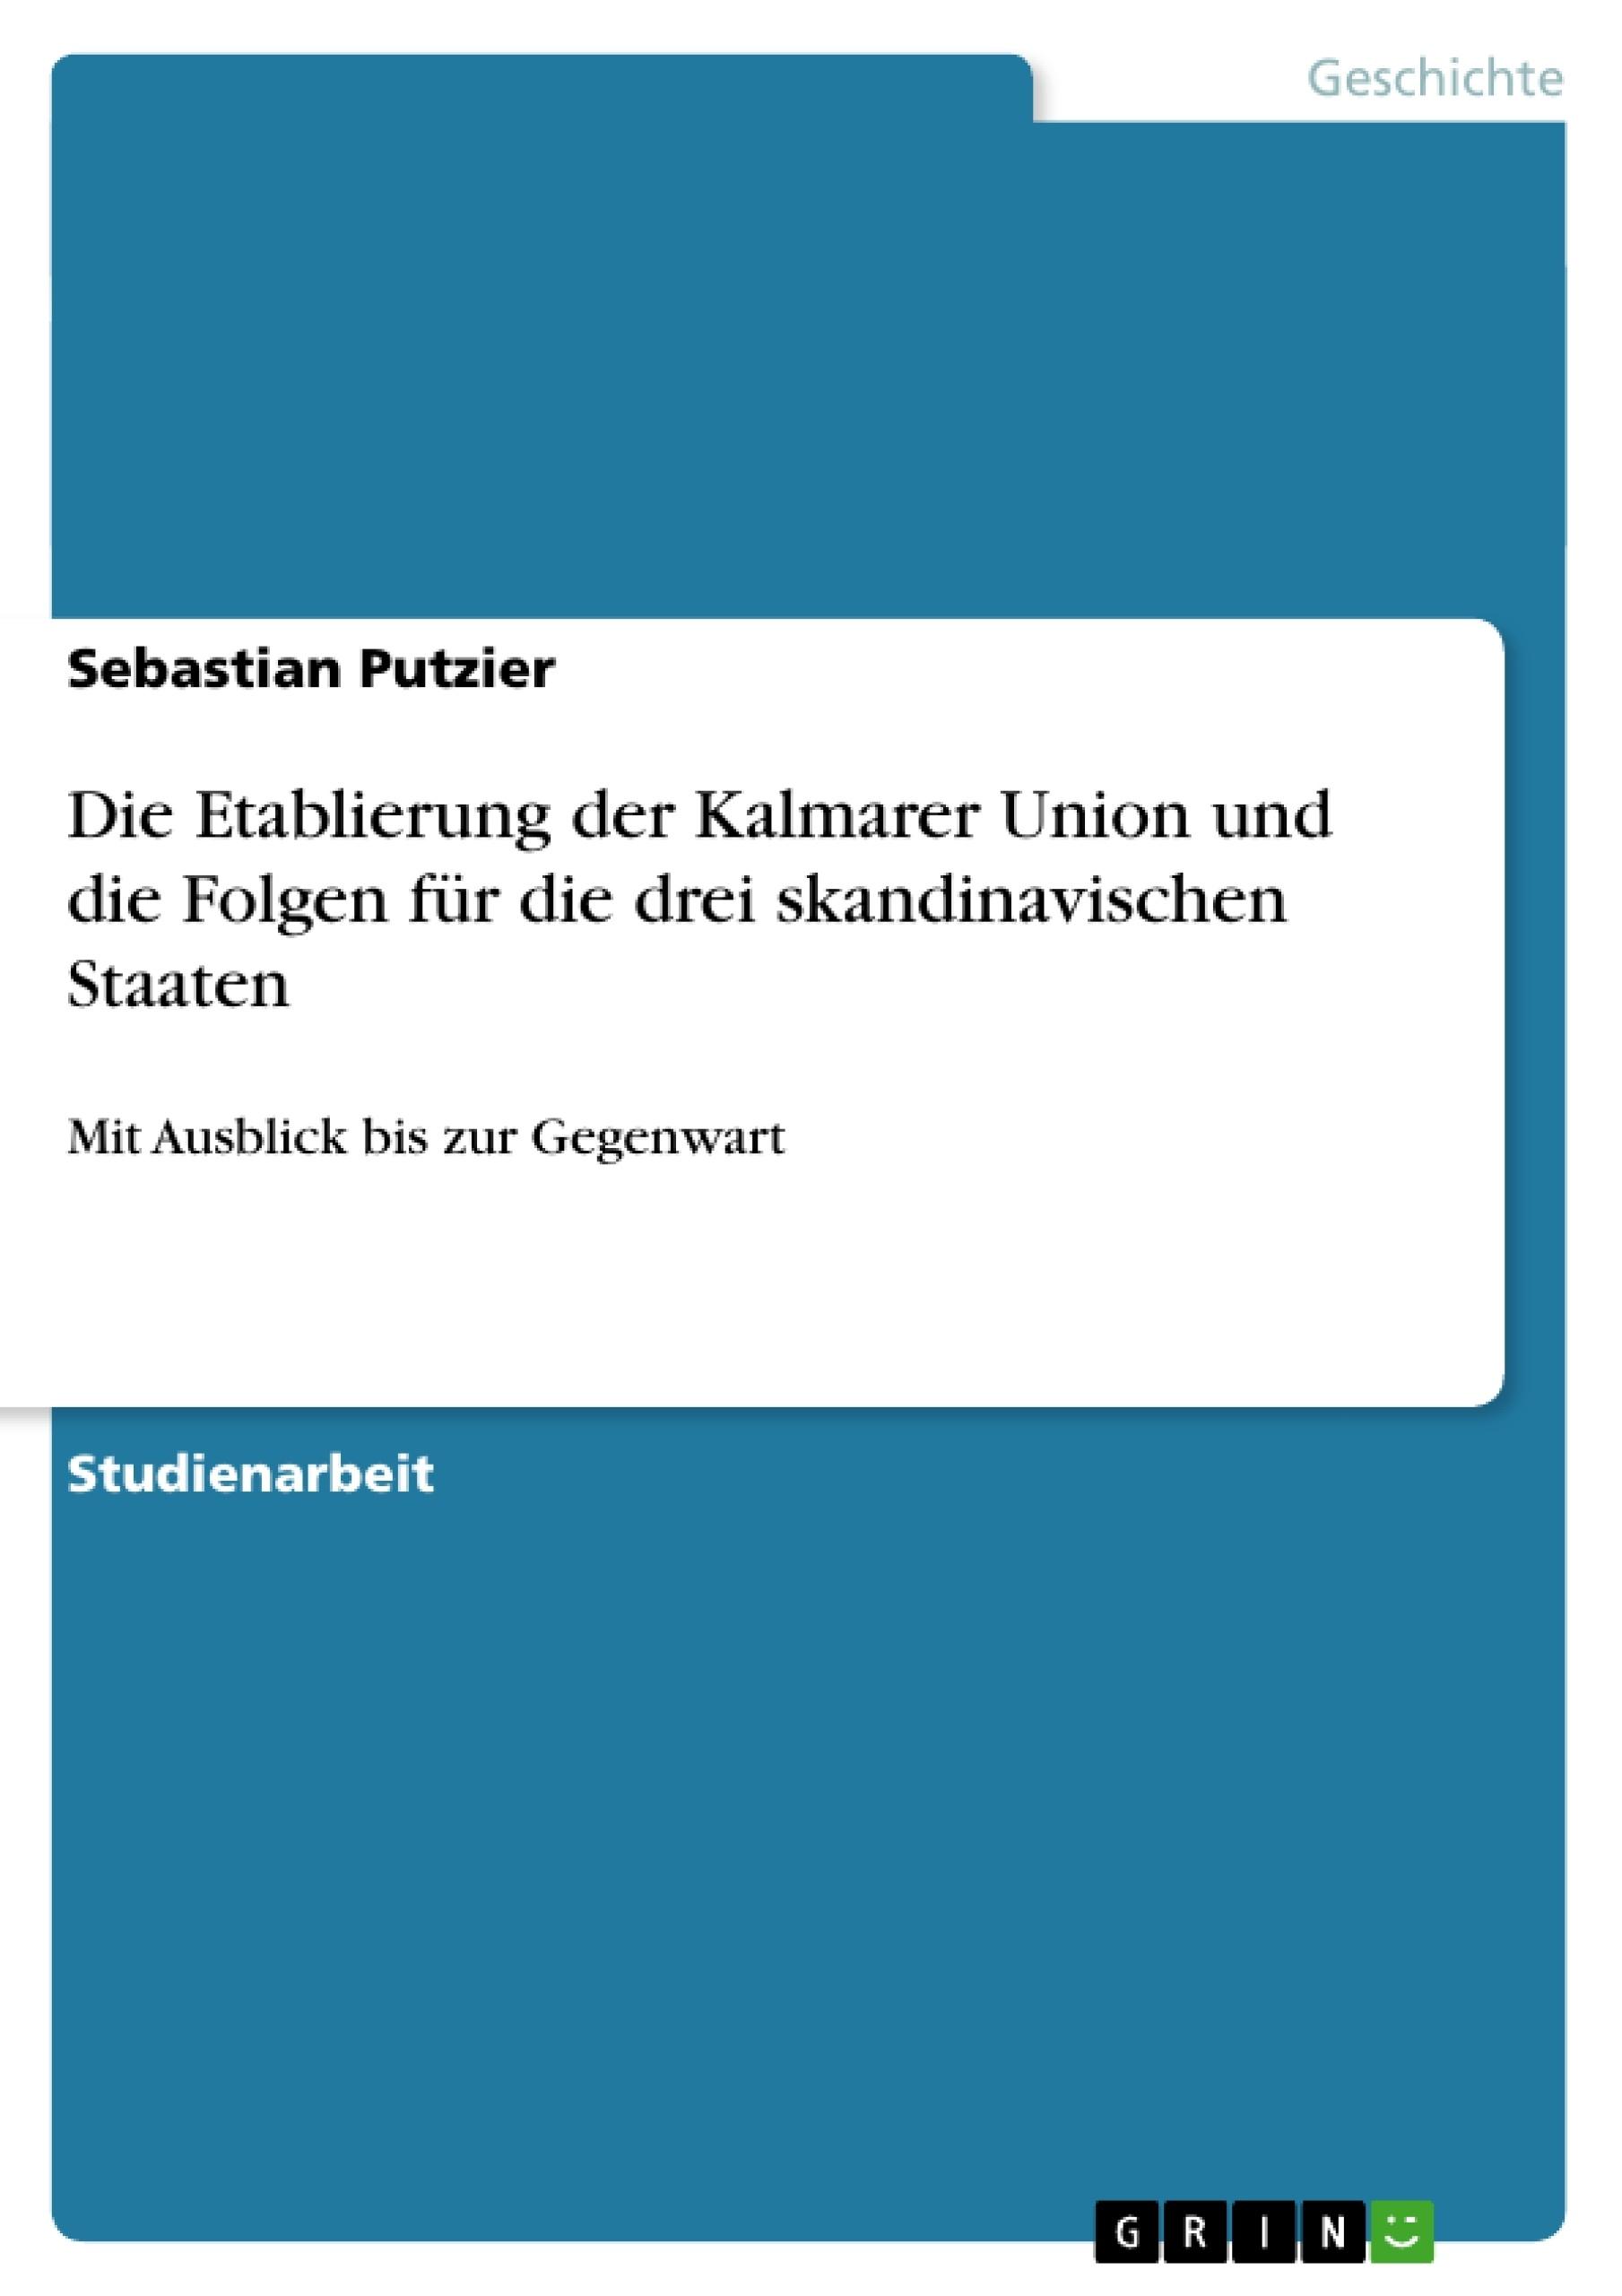 Titel: Die Etablierung der Kalmarer Union und die Folgen für die drei skandinavischen Staaten